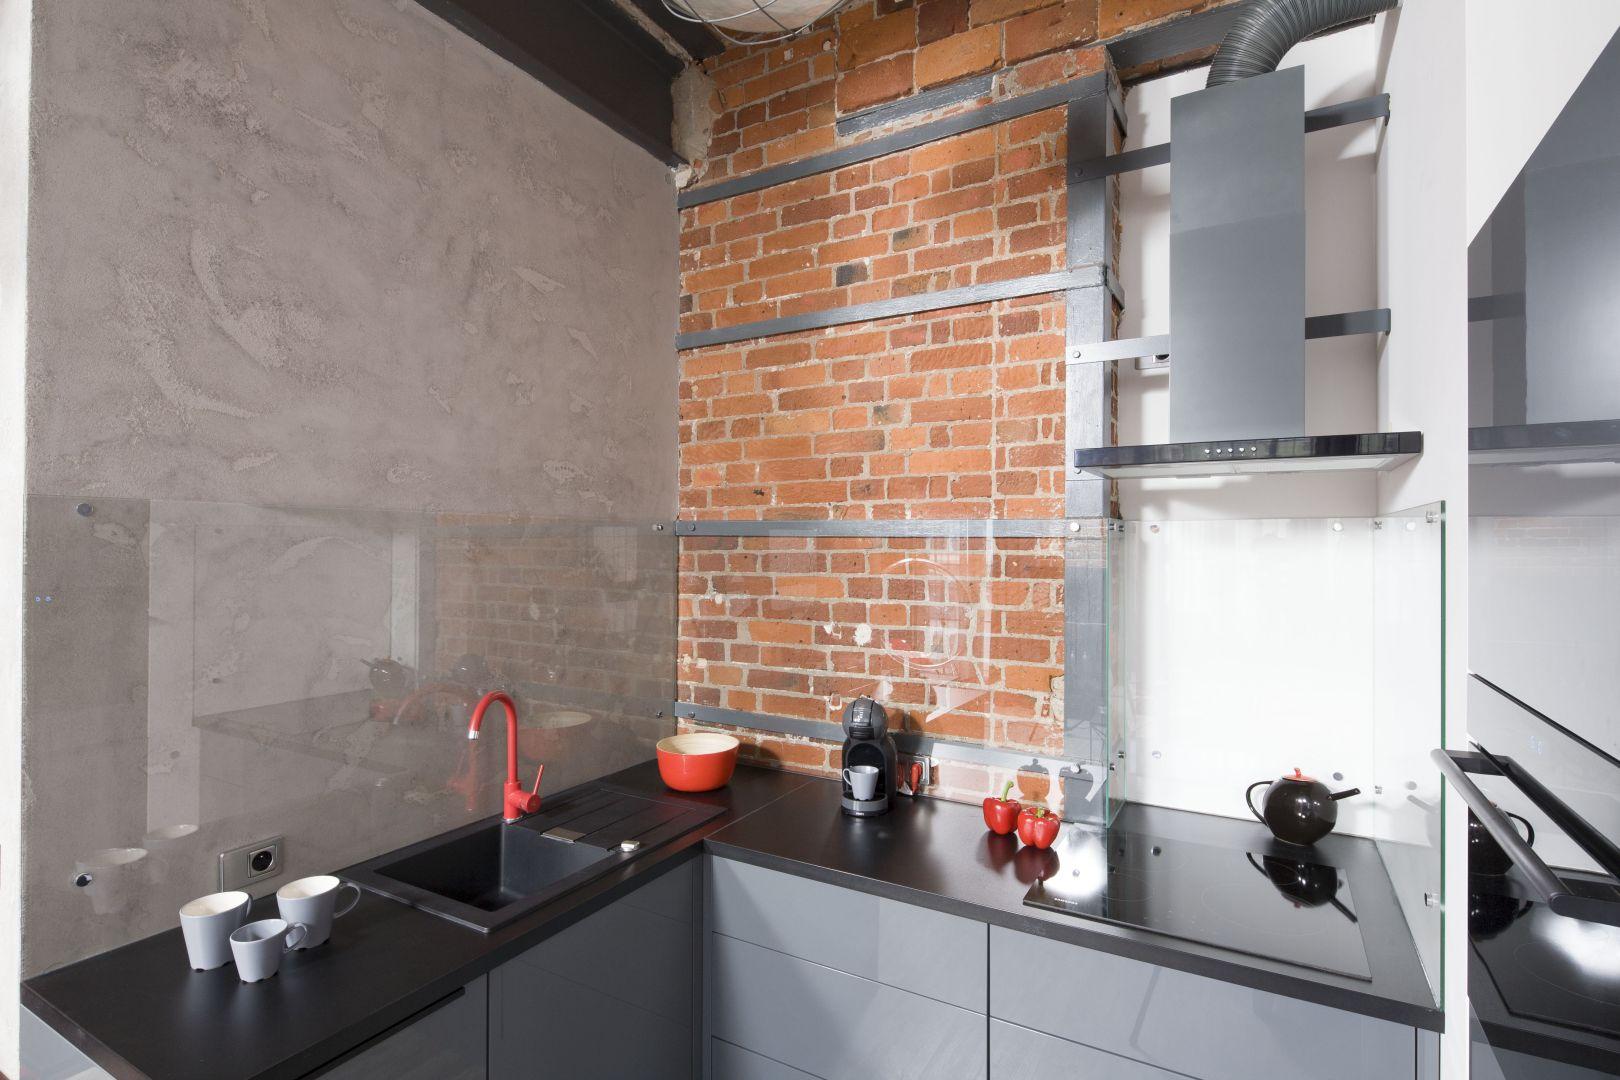 Beton na ściany w kuchni. Projekt Nowa Papiernia. Fot. Bartosz Jarosz.